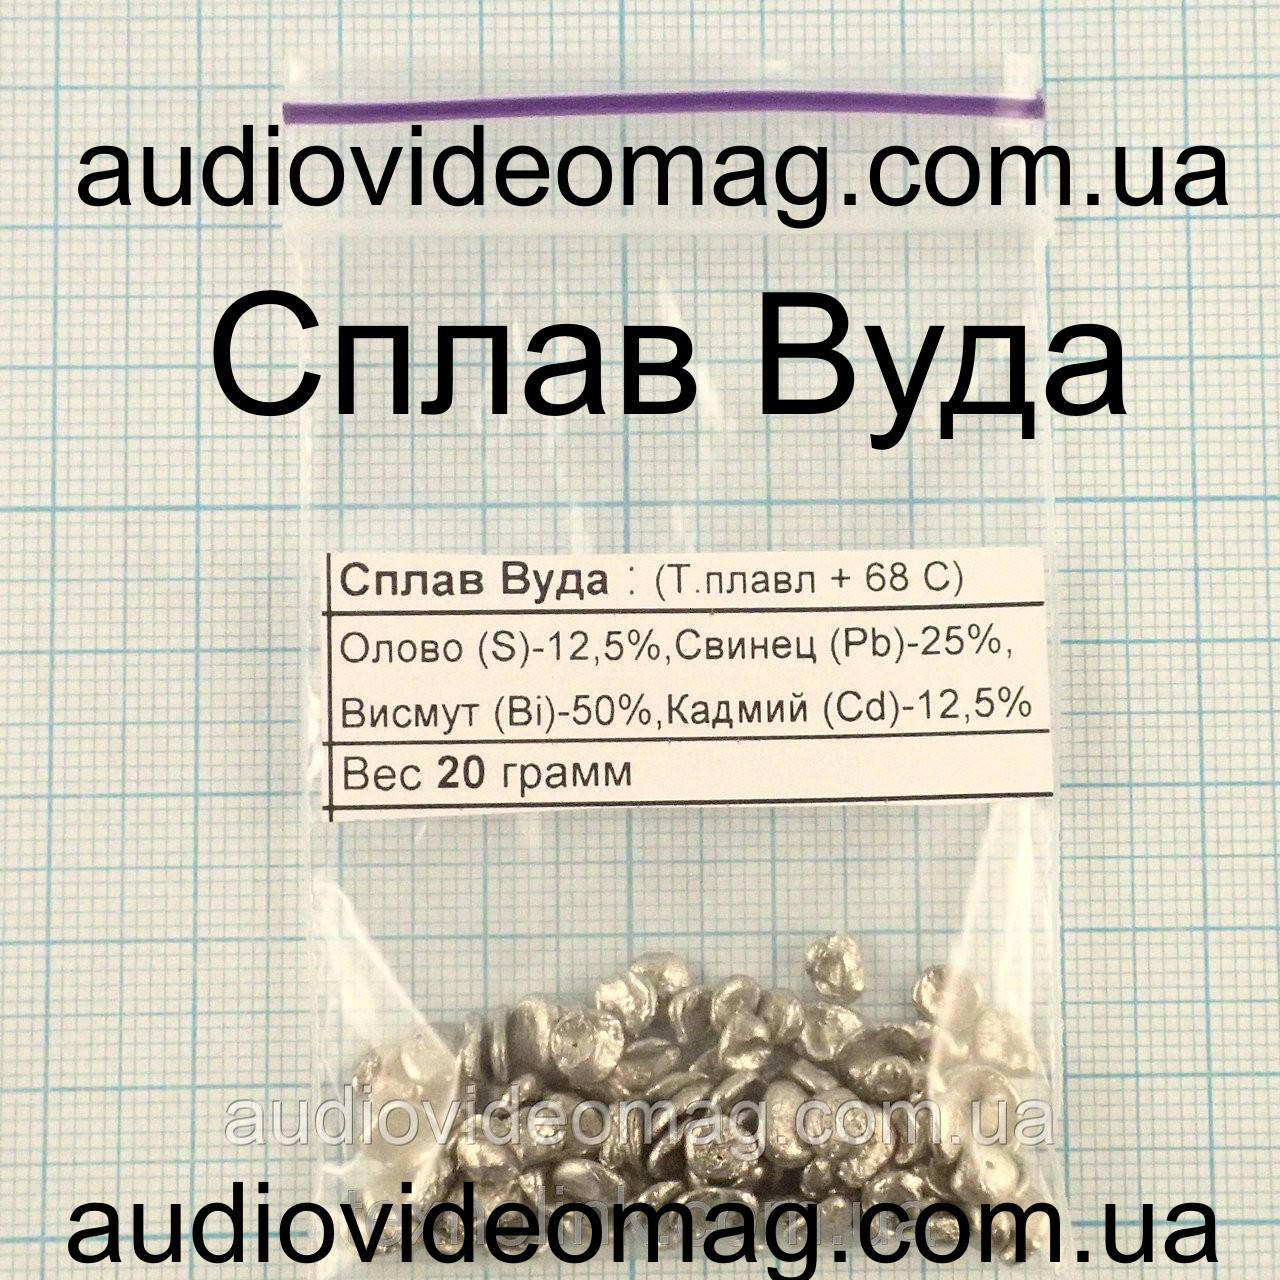 Легкоплавкий припій - сплав Вуда (20 грам)